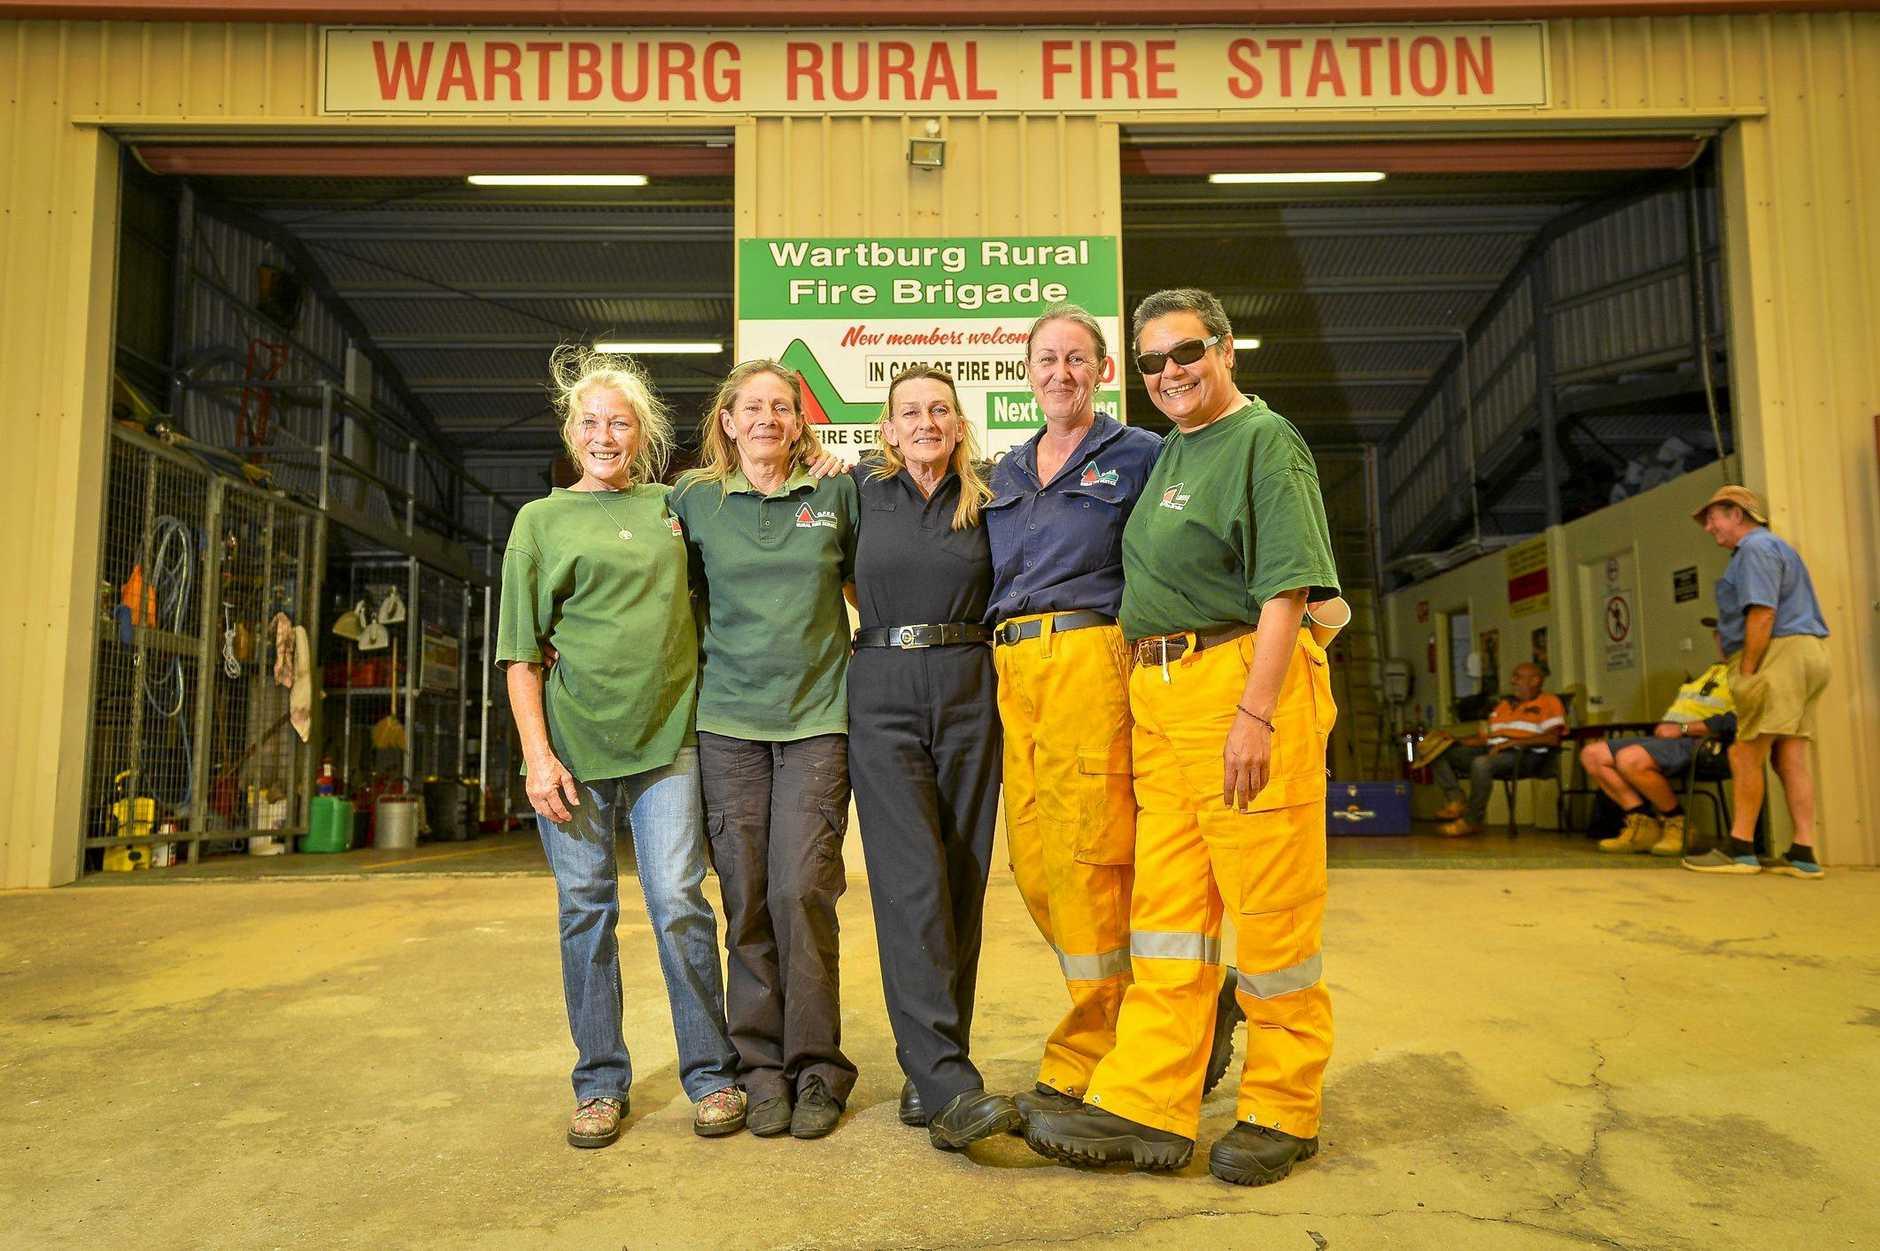 Kay Harding, Margaret Paskevicius, Judy Ferrari, Karen Hale and Kiki Morgan of the Wartburg Rural Fire Brigade.